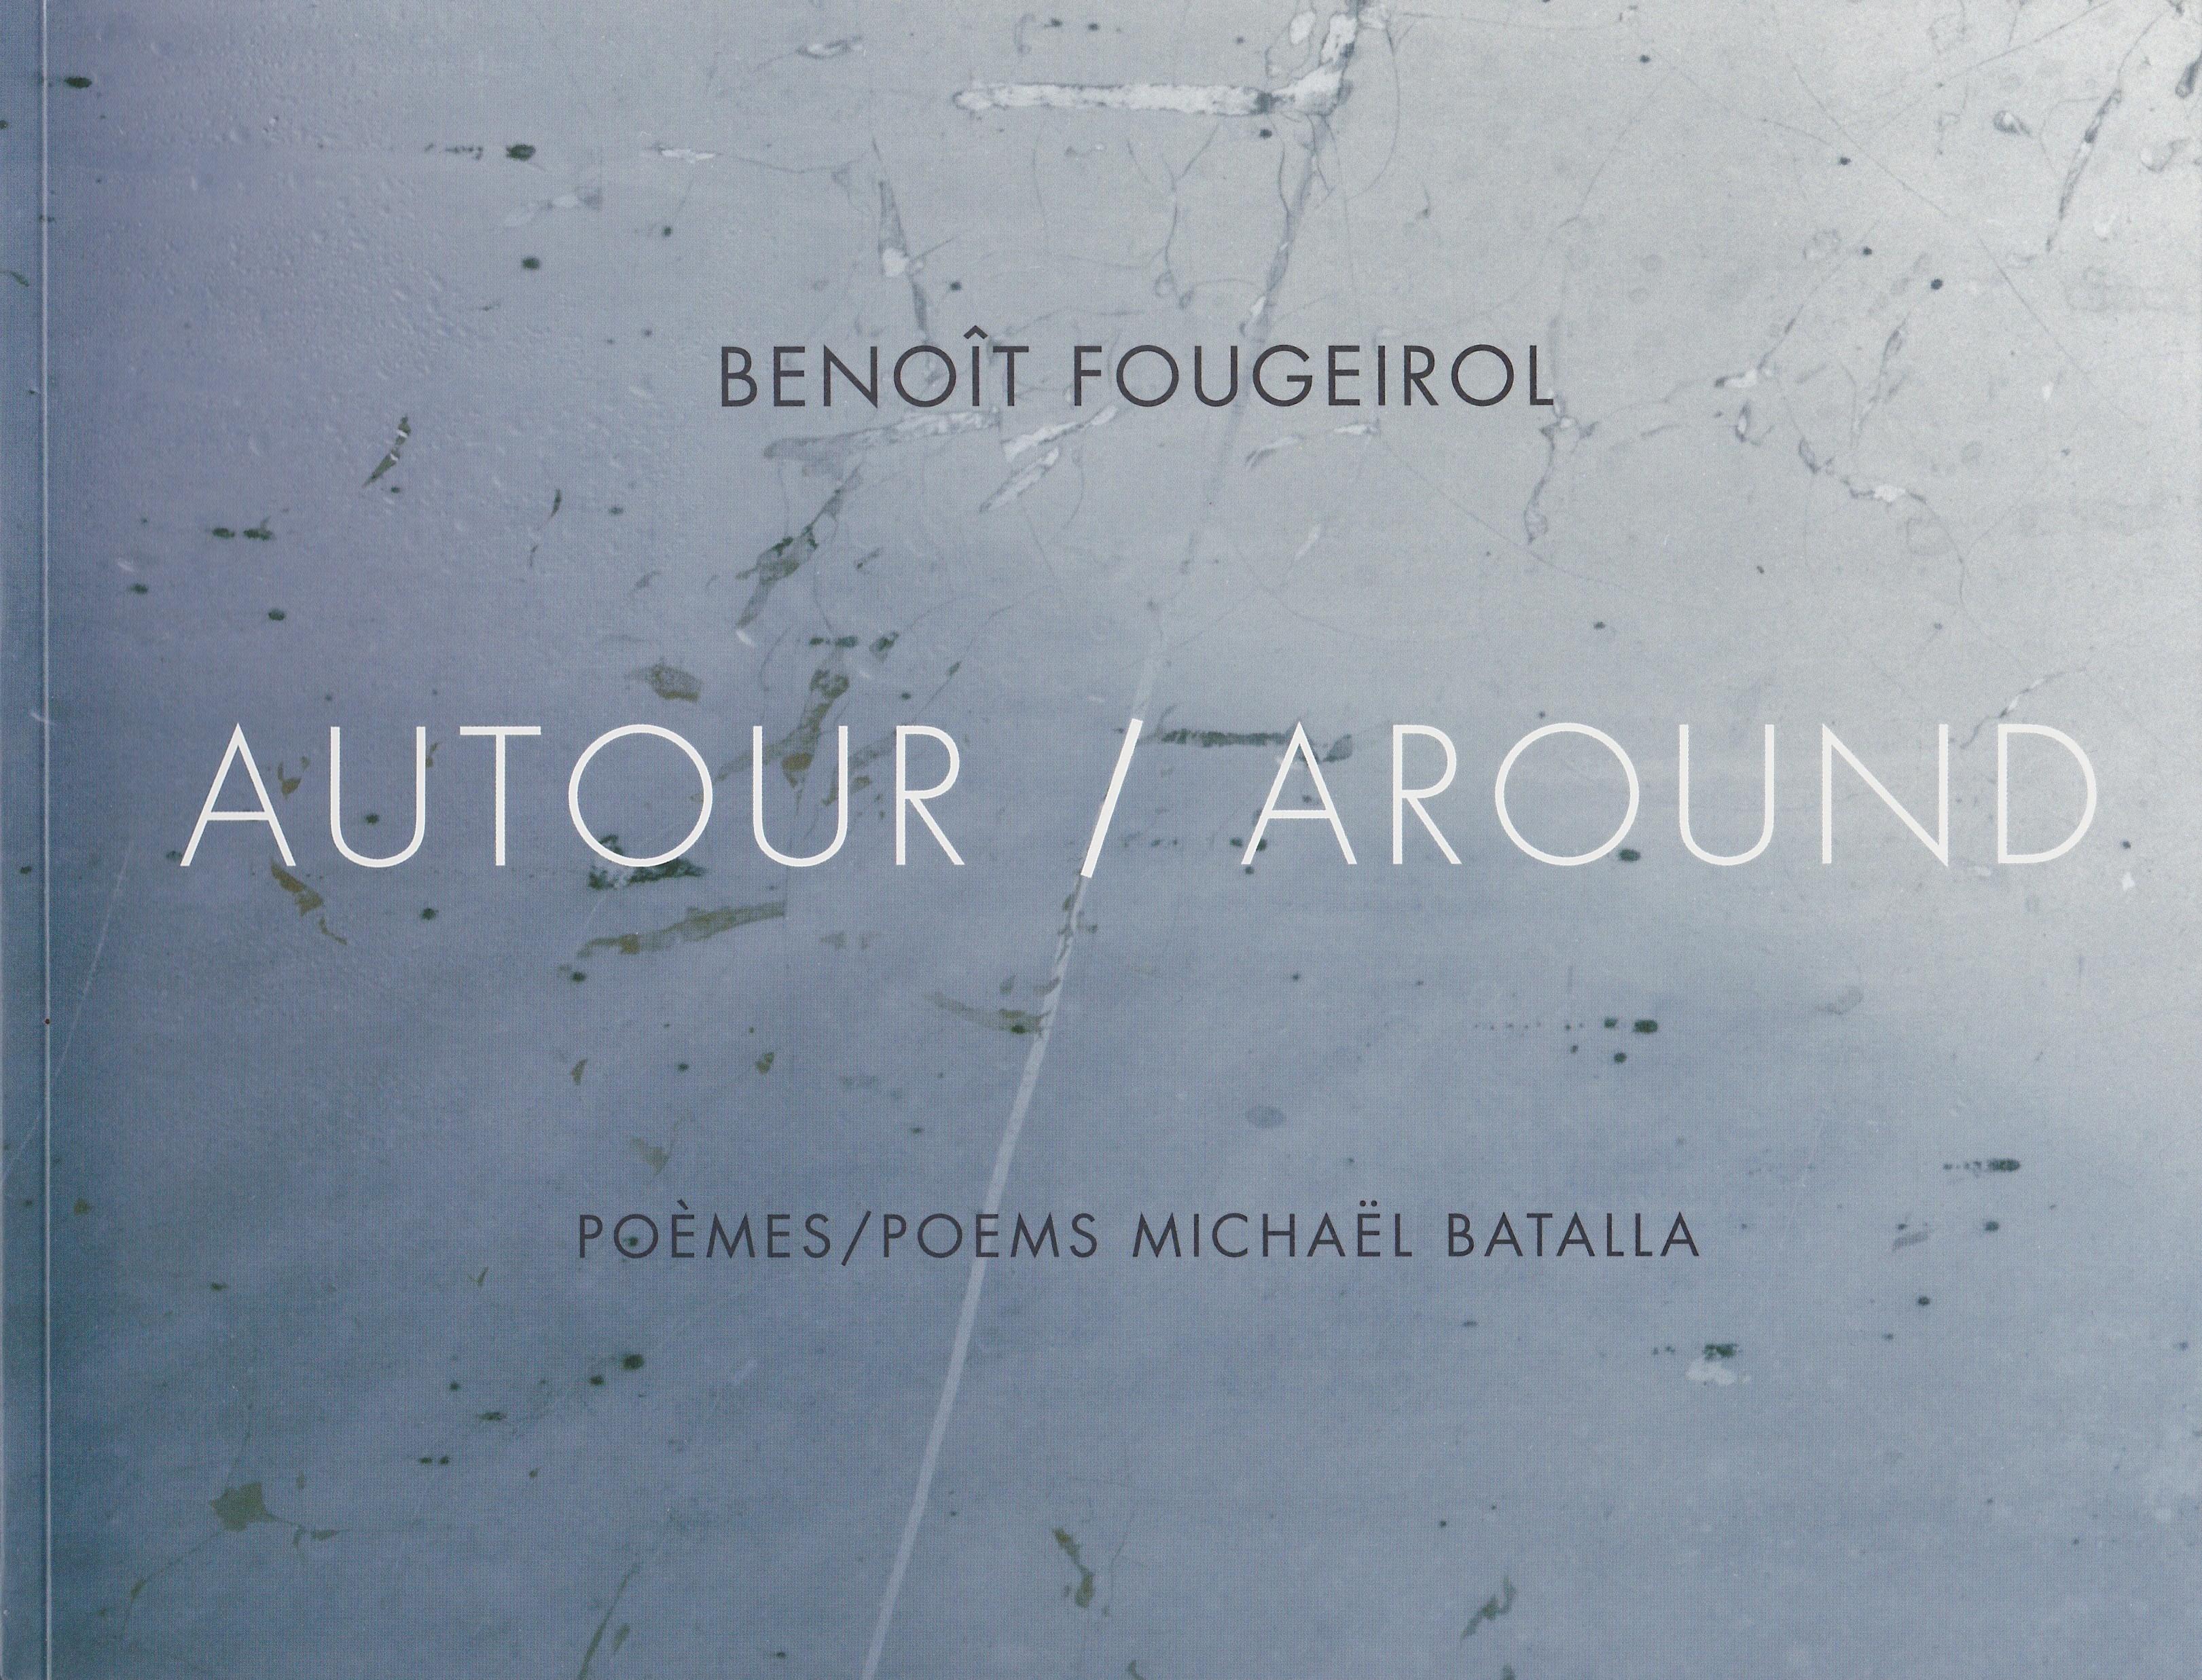 Autour/Around